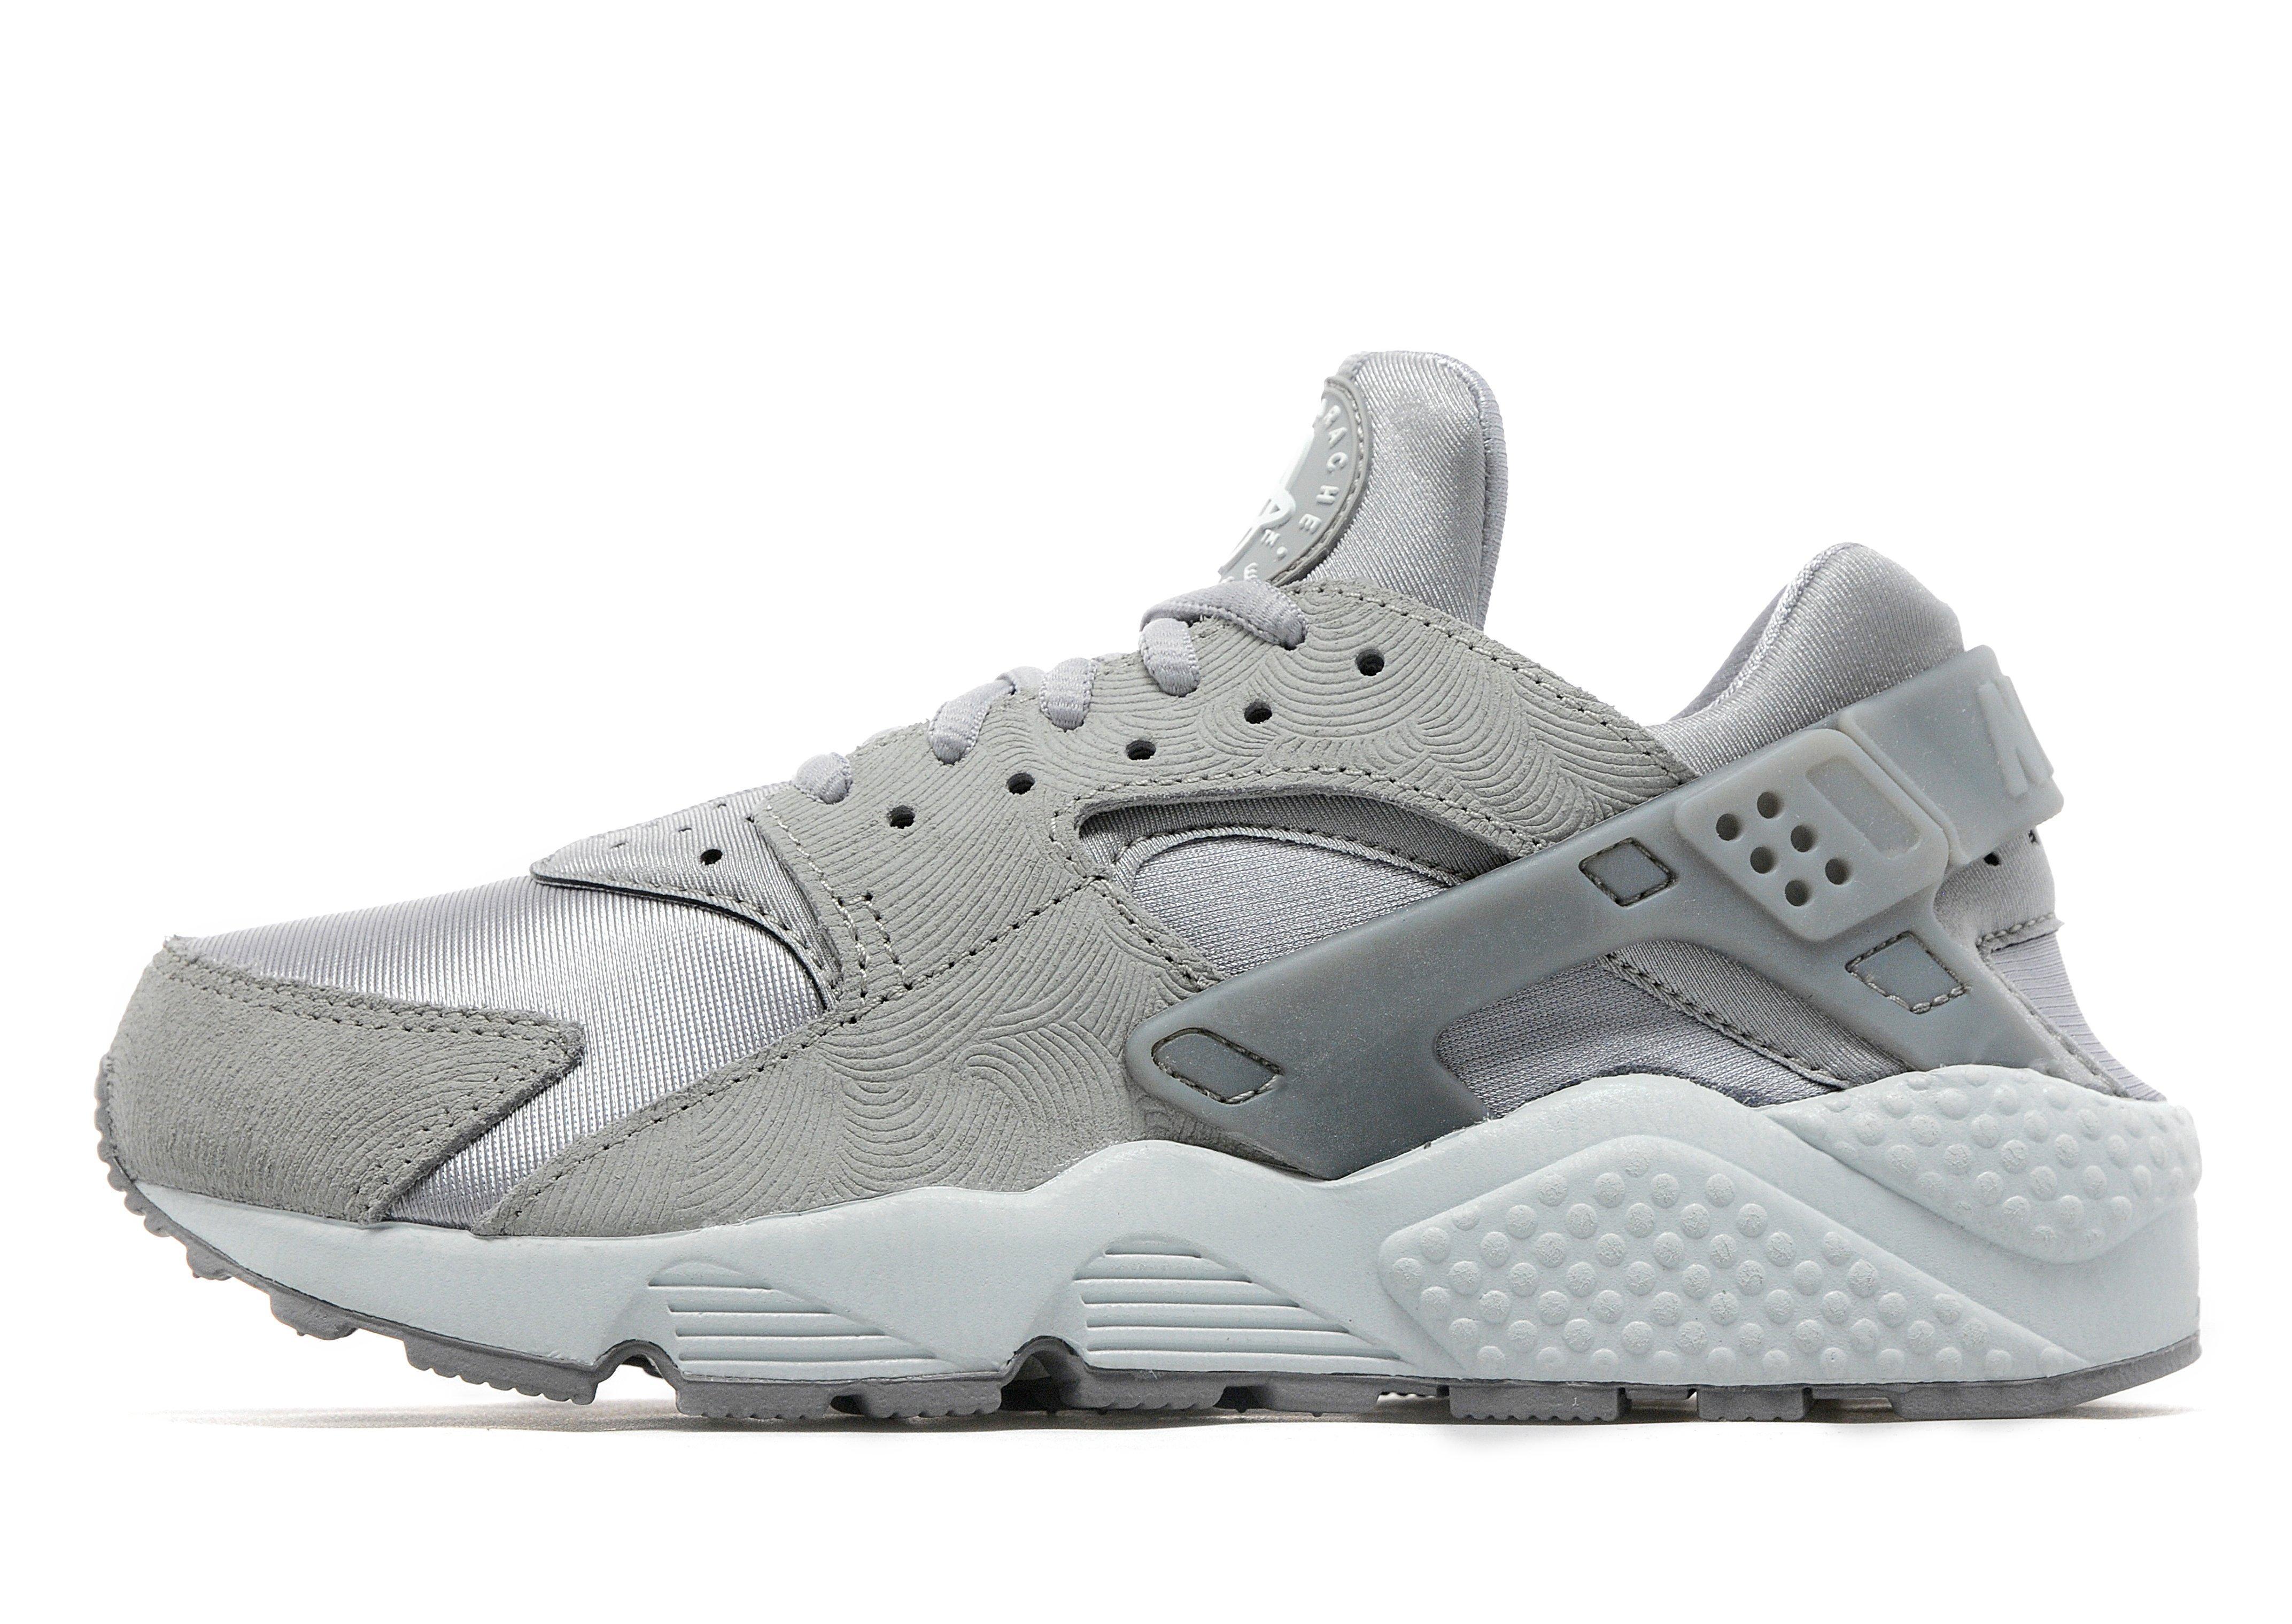 c83ce42877b9 Nike Air Huarache Premium in Gray - Lyst